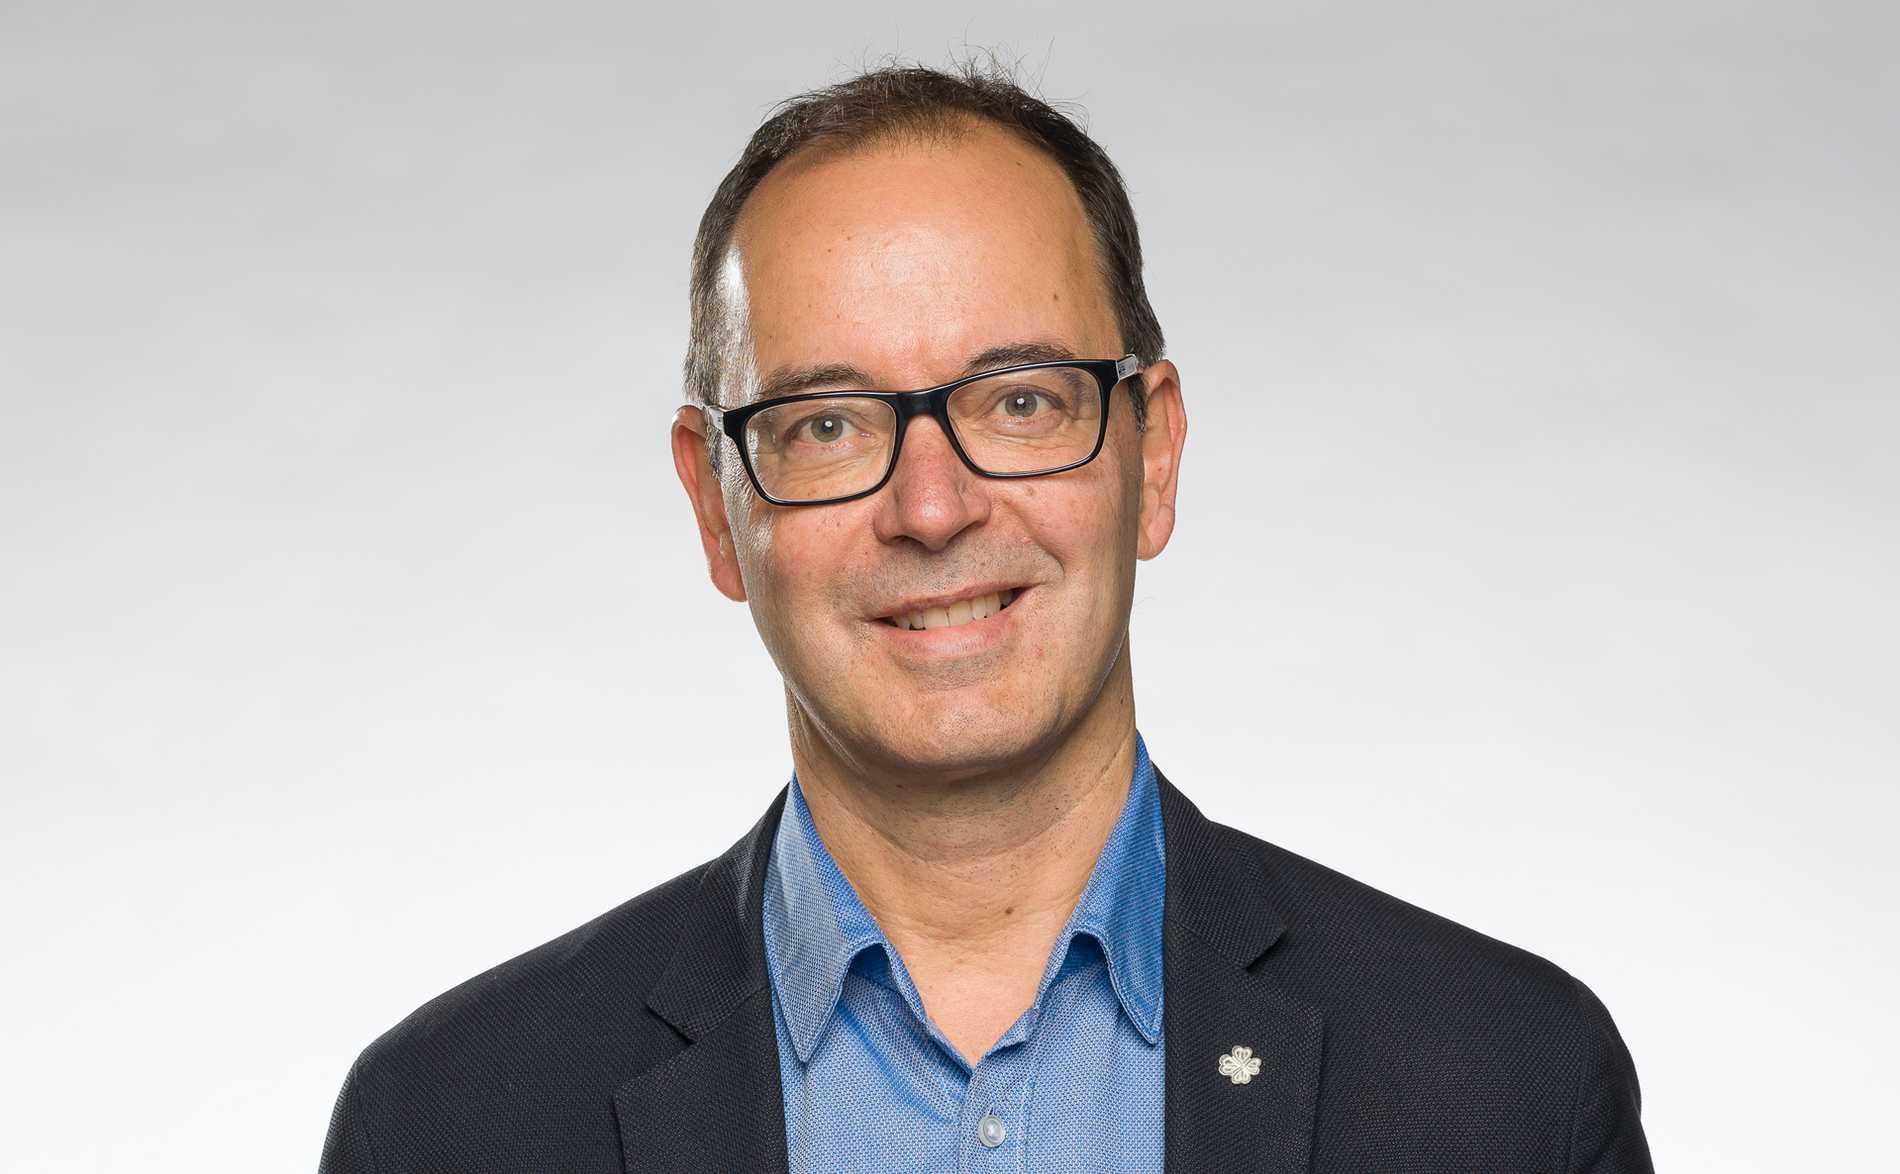 Stefan Hanna (UPD), Utvecklingspartiet Demokraterna.